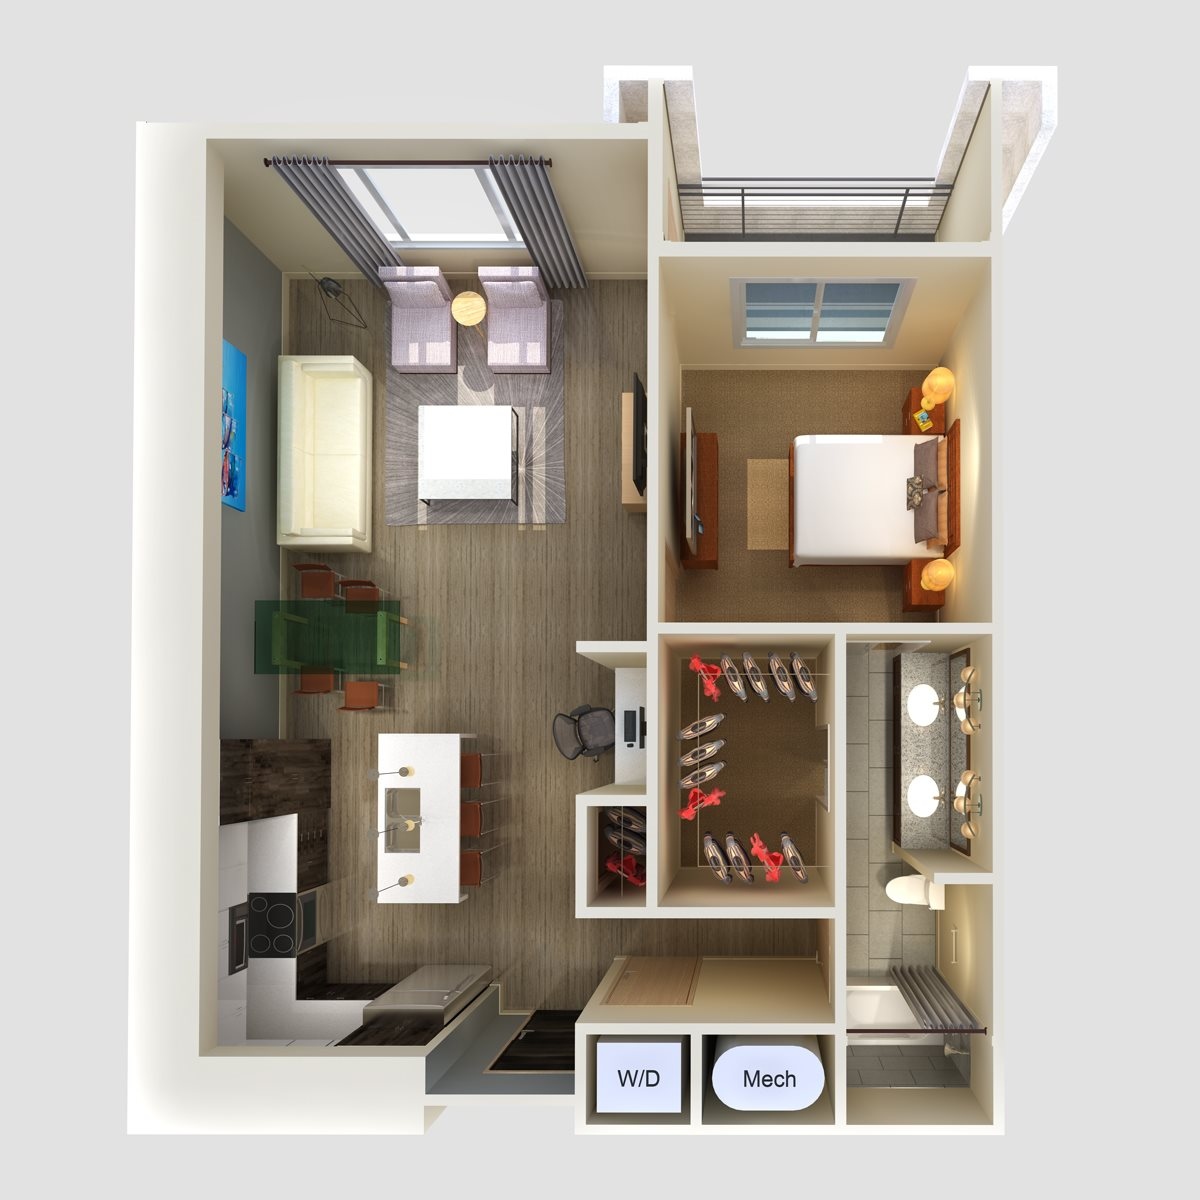 1Br 1Ba Floor Plan 2